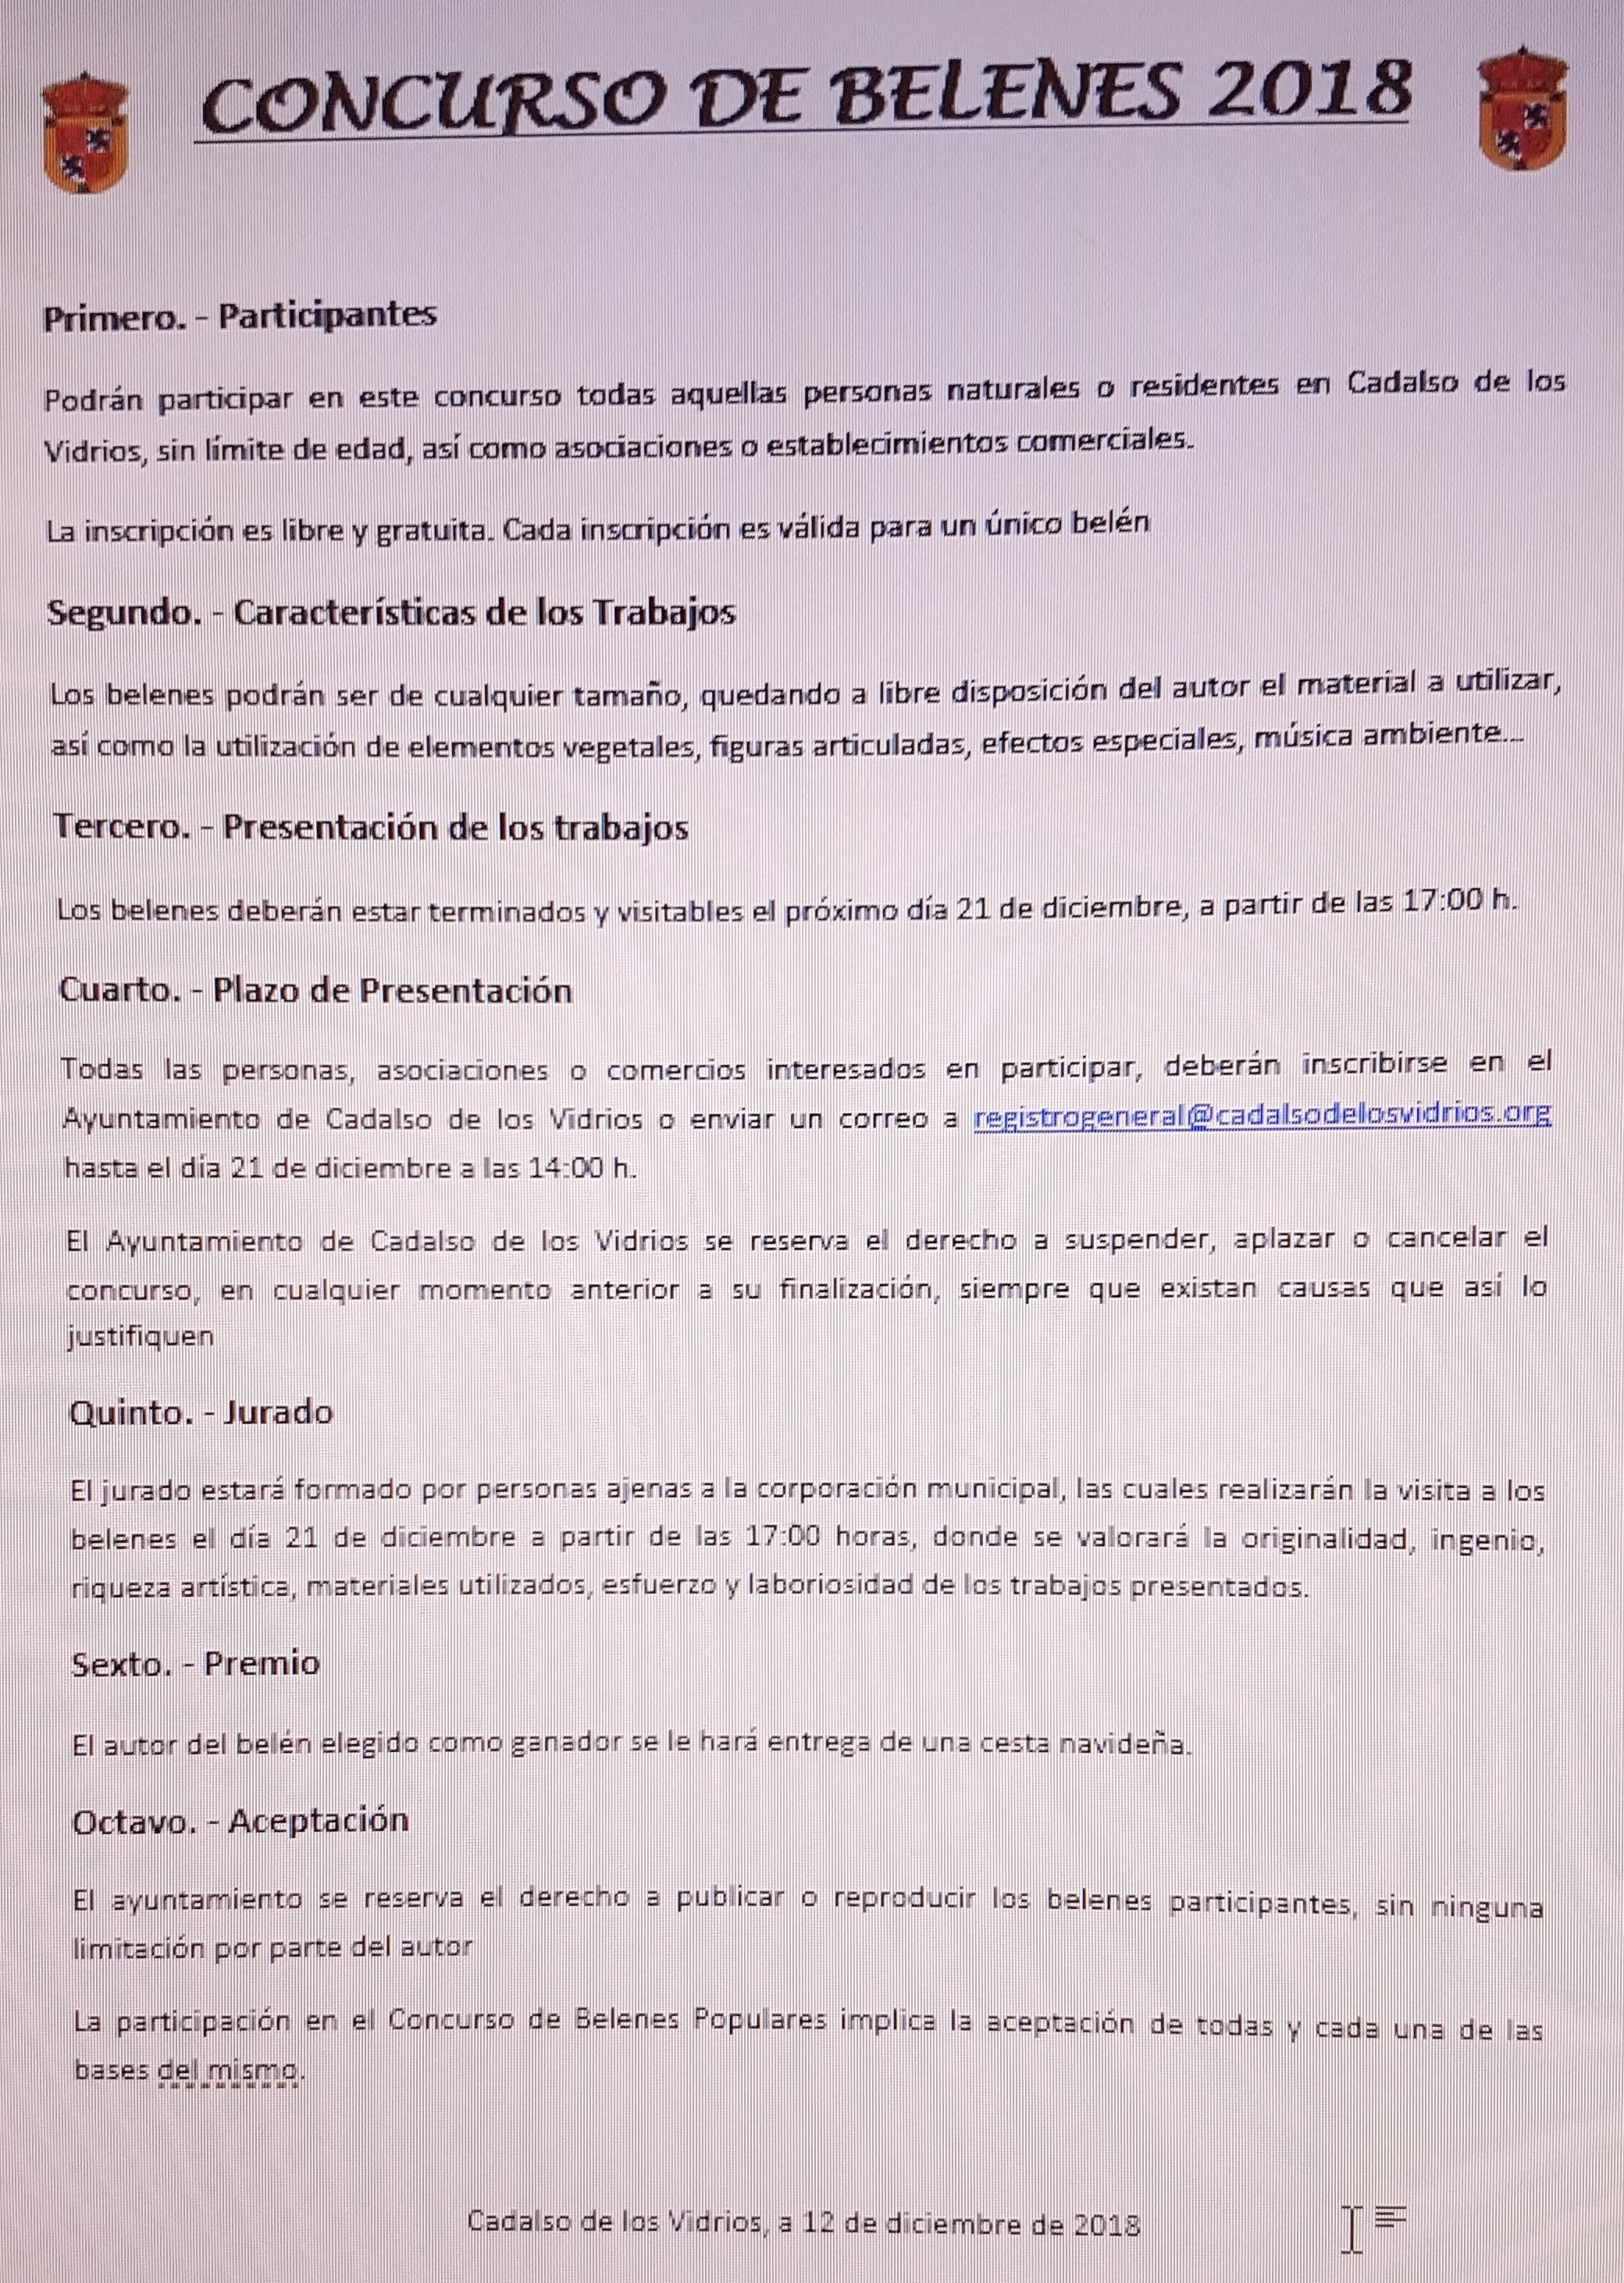 CONCURSO DE BELENES POPULARES